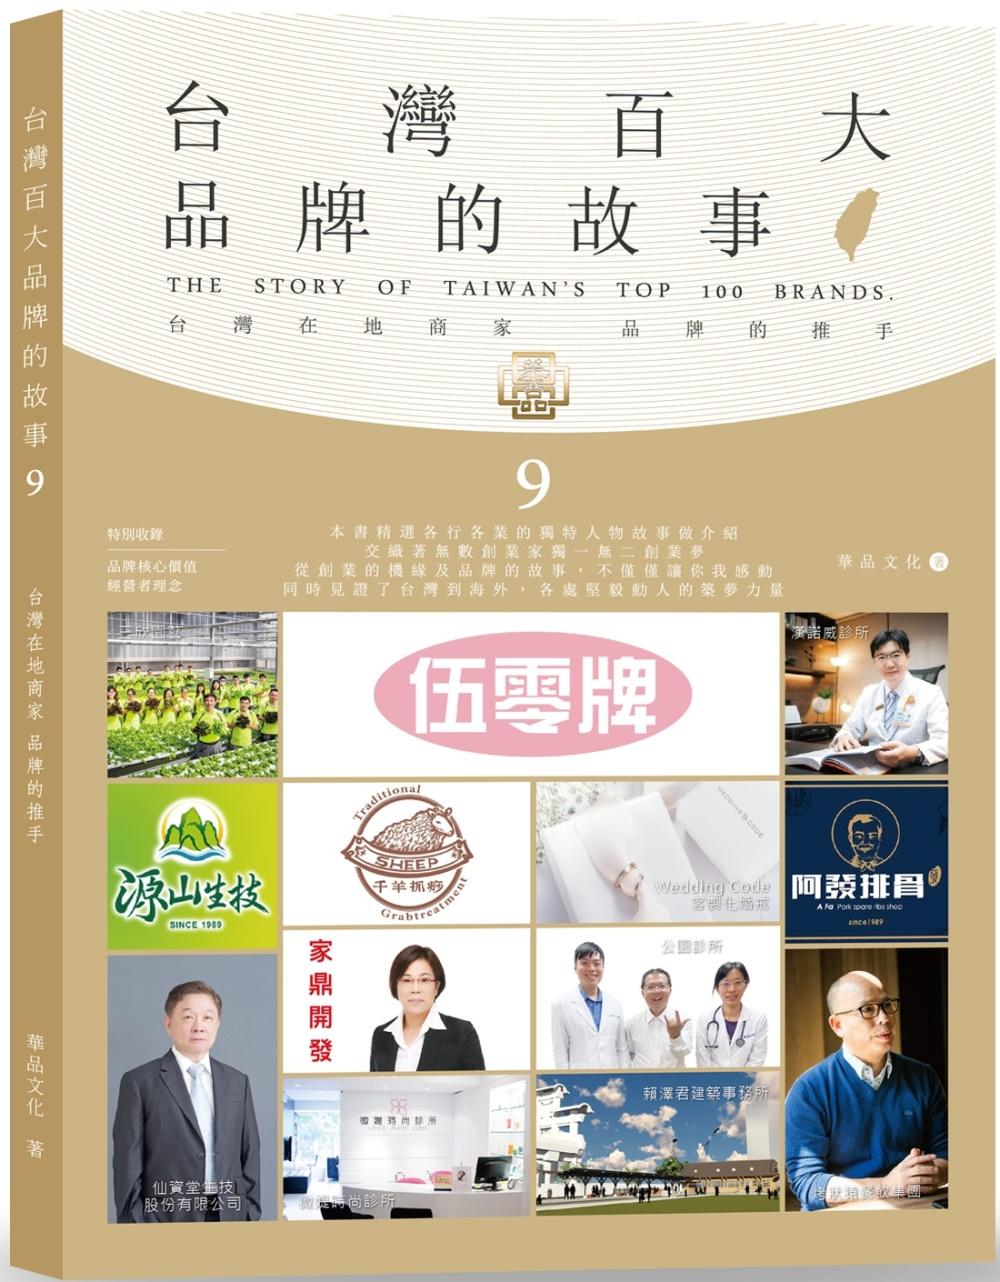 台灣百大品牌的故事9:台灣在地商家 品牌的推手